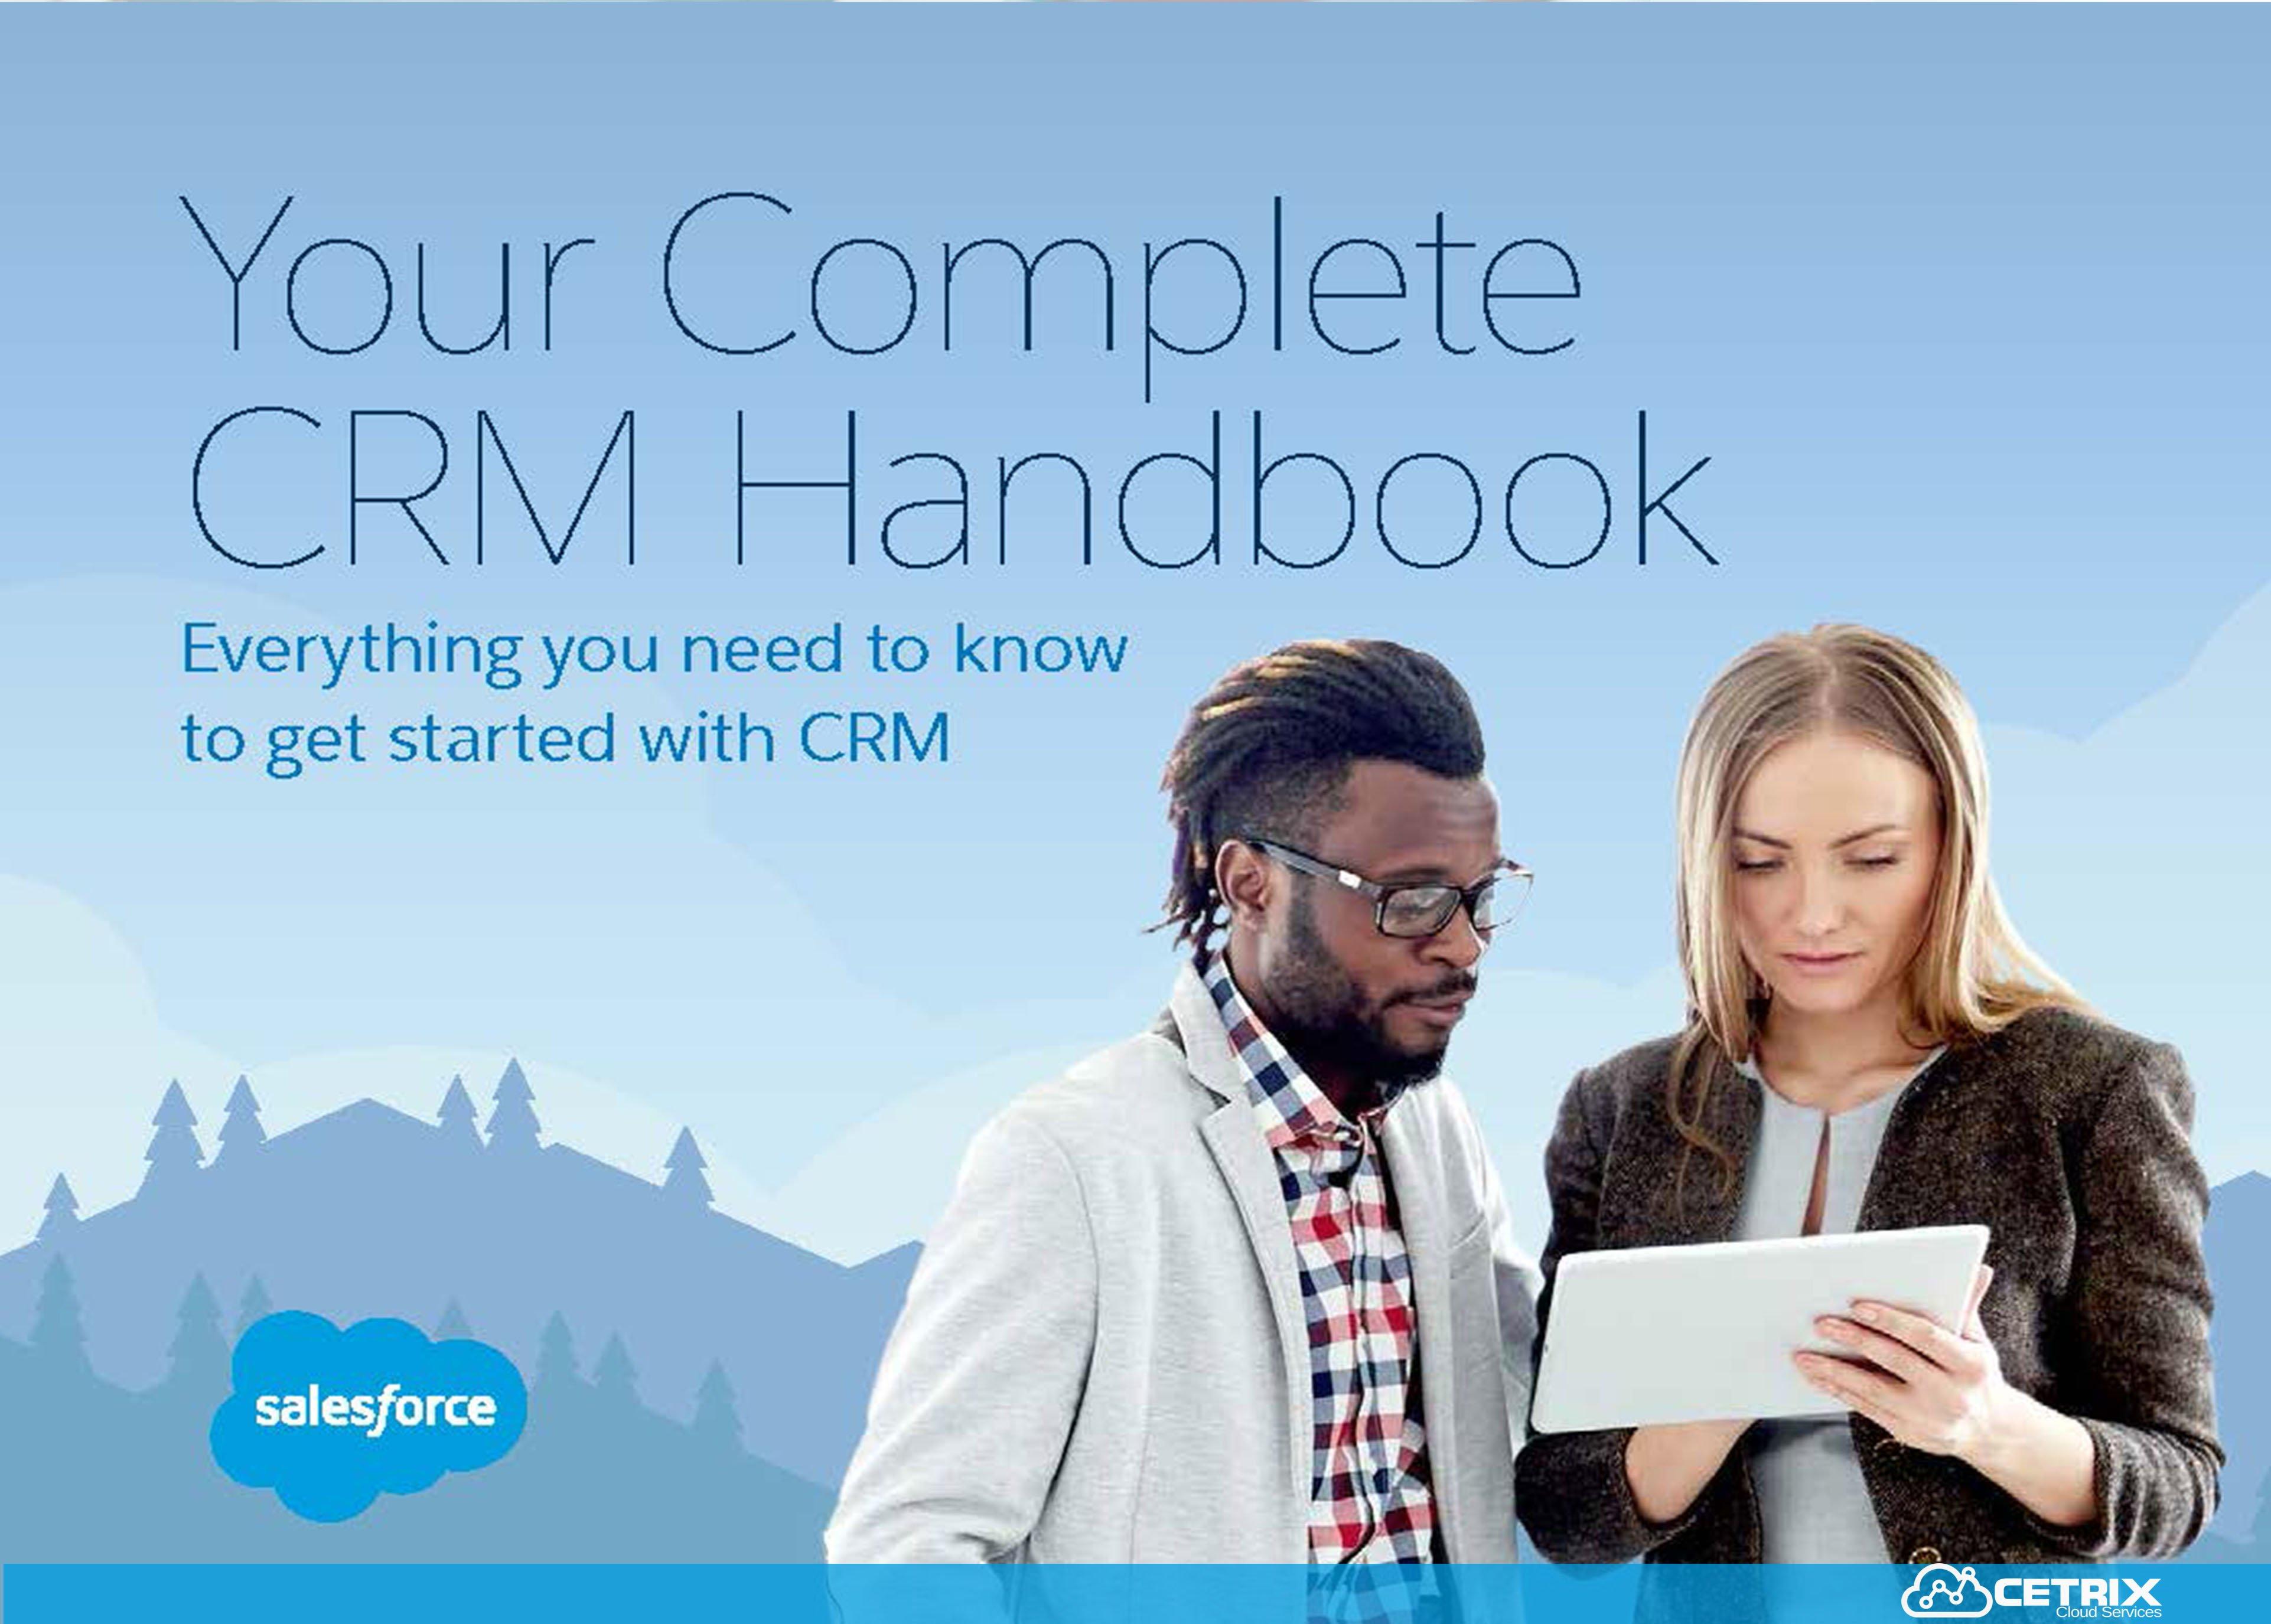 salesforce_complete_crm_handbook